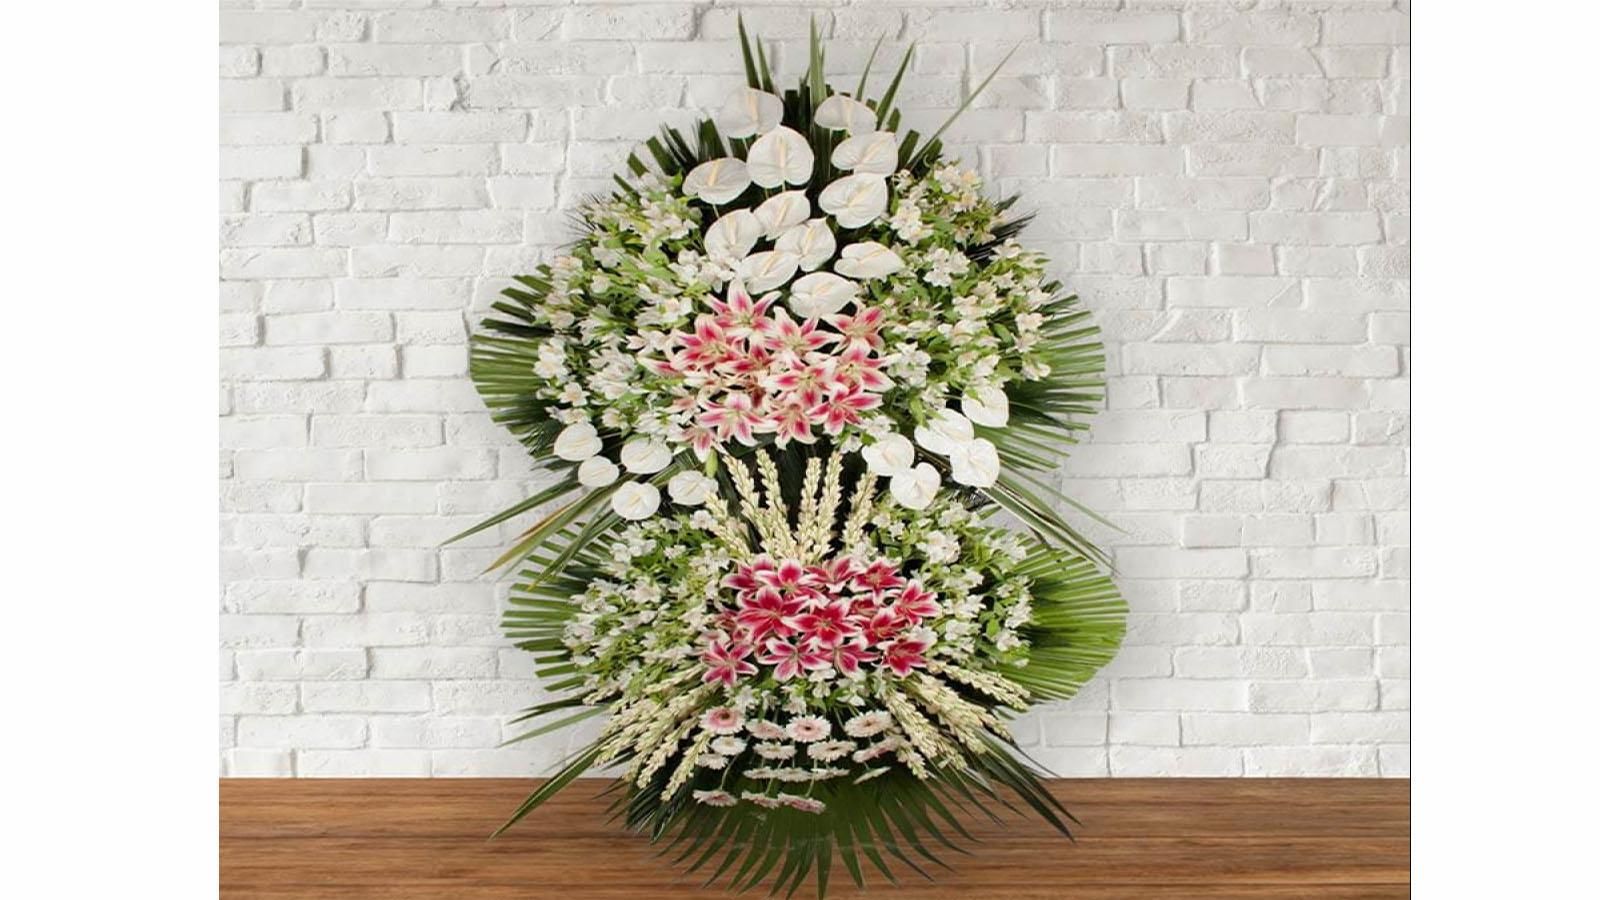 تاج گل خیریه به جای سفارش گل طبیعی | ساخت تاج گل از گل های مصنوعی به جای گل طبیعی